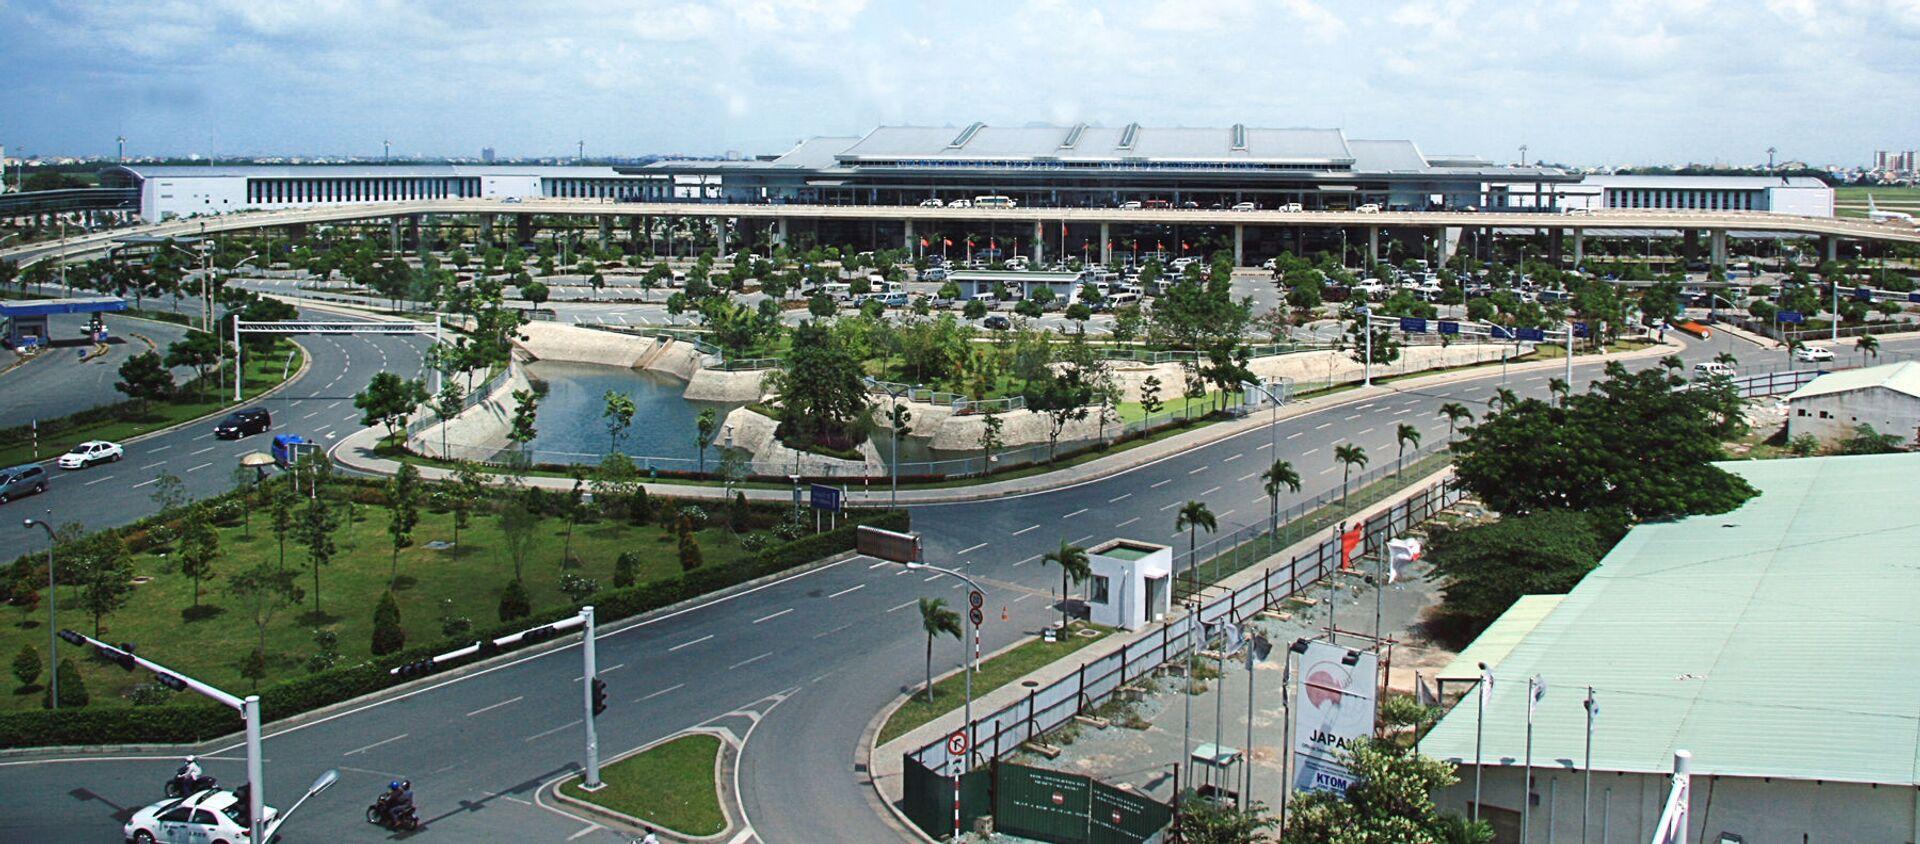 Sân bay quốc tế Tân Sơn Nhất - Sputnik Việt Nam, 1920, 11.07.2021